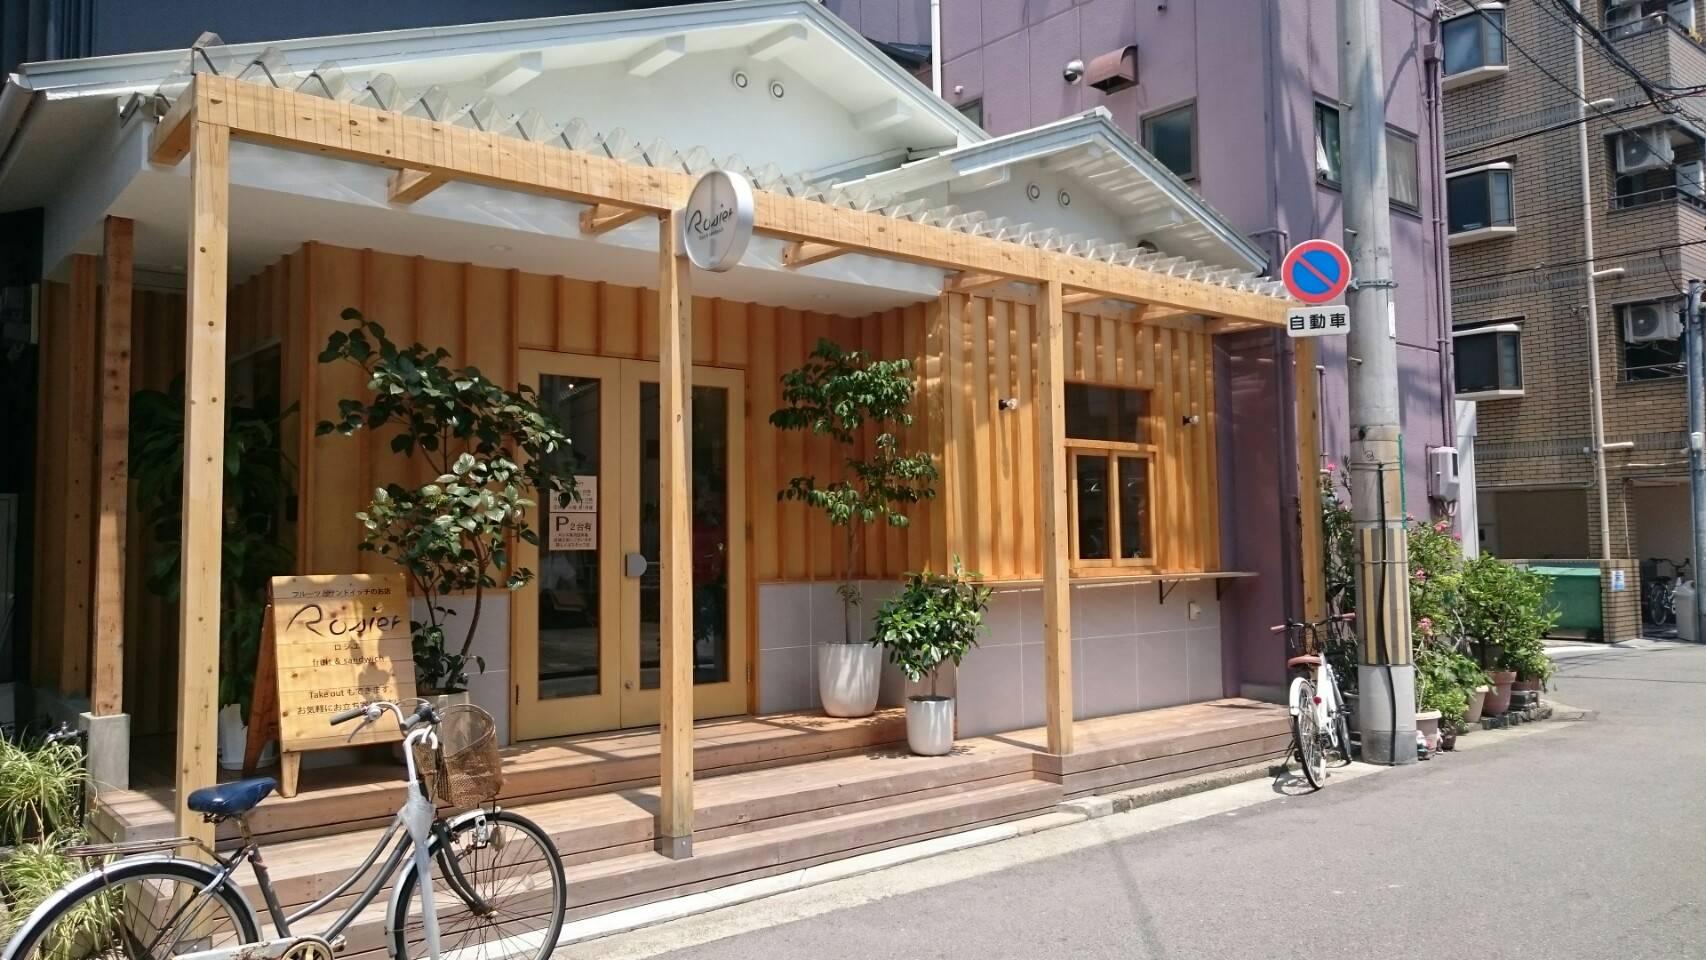 Rosier(ロジエ)|南大阪・堺にあるフルーツの本当の美味しさを味わえるお店~メニュー・口コミ・営業時間など~